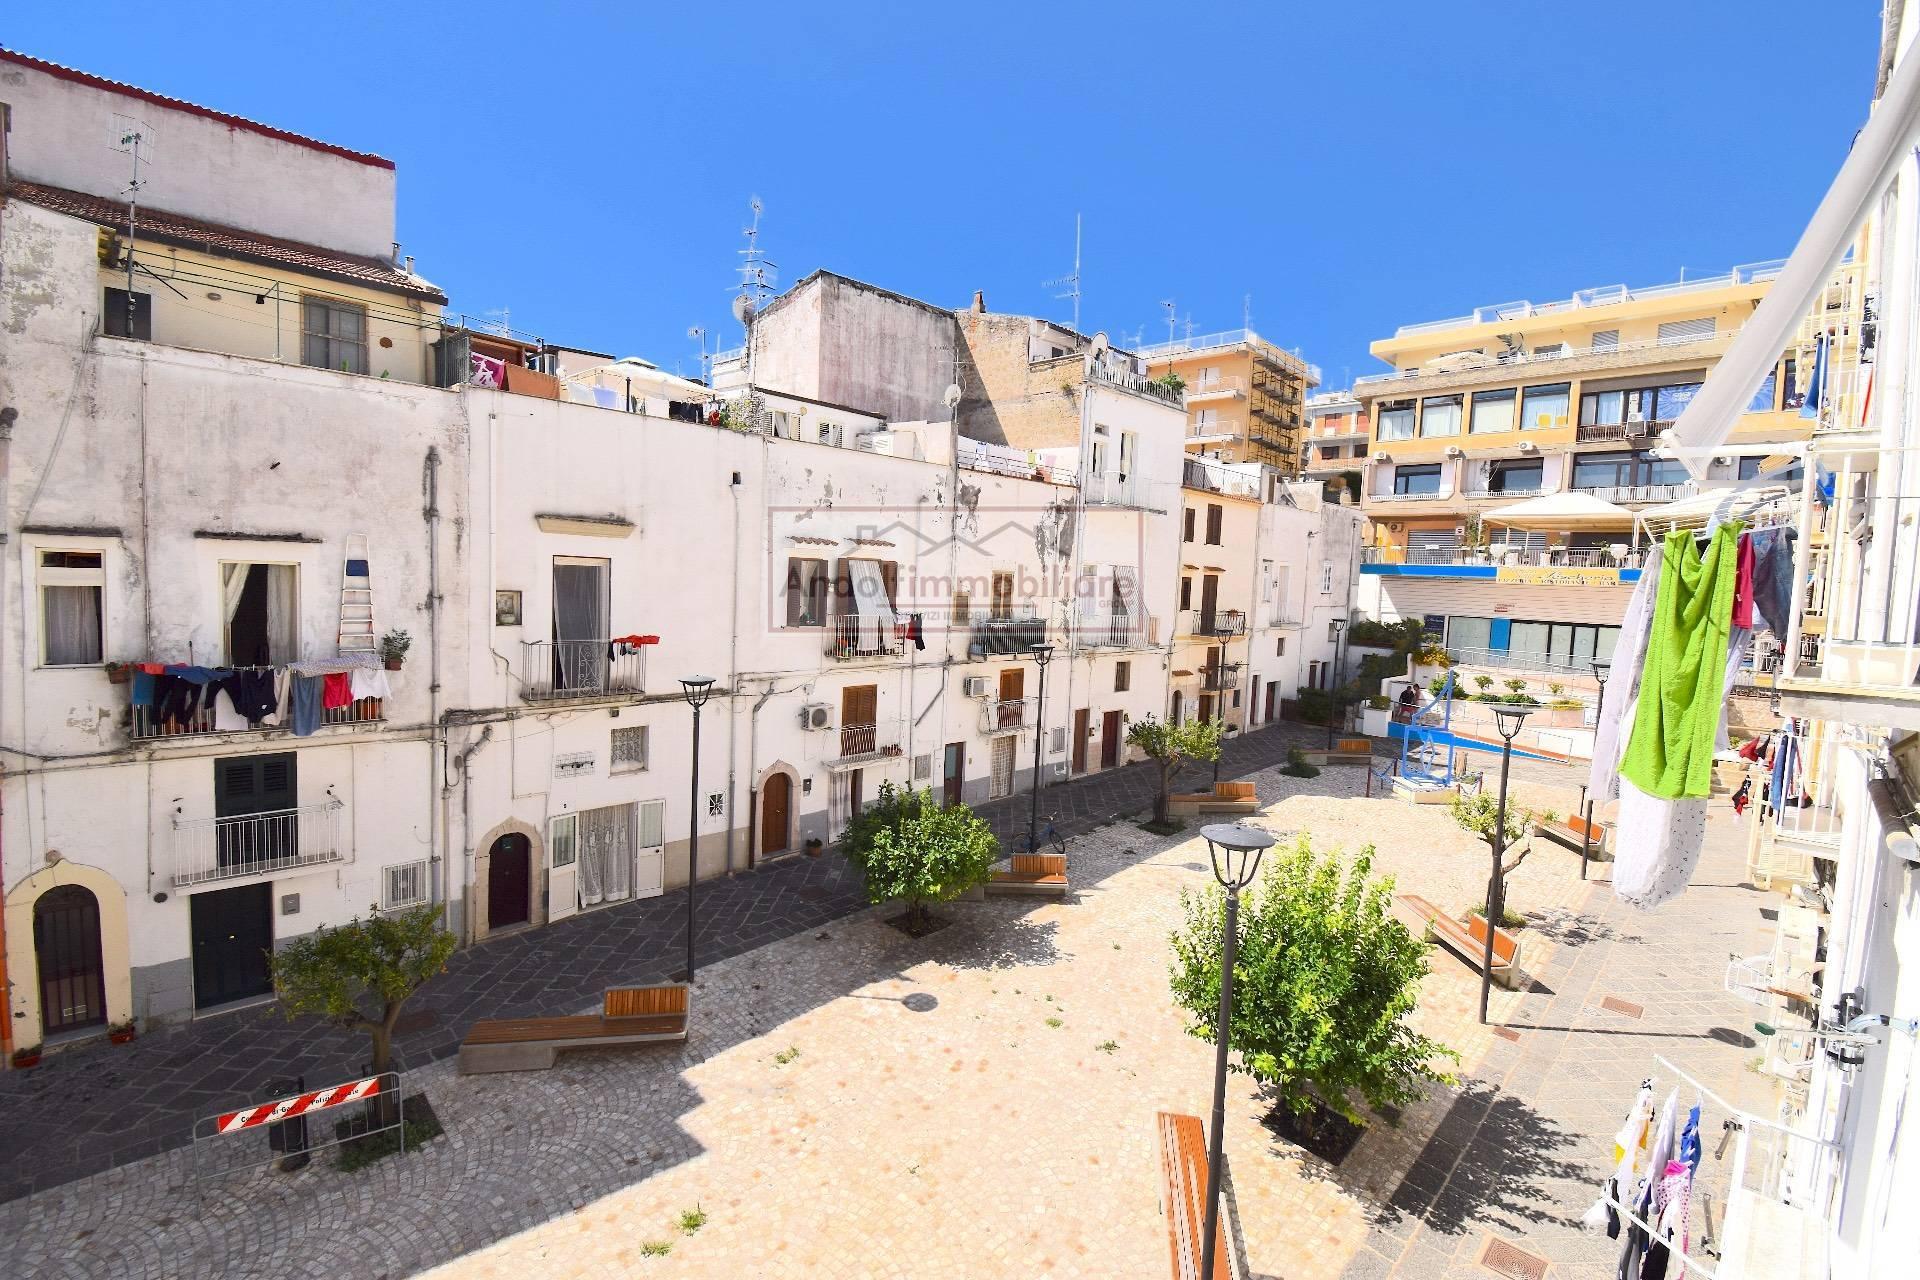 Gaeta Piazza Capodanno. Monolocale in Vendita con metà terrazzo in comproprietà in Vendita a Gaeta.